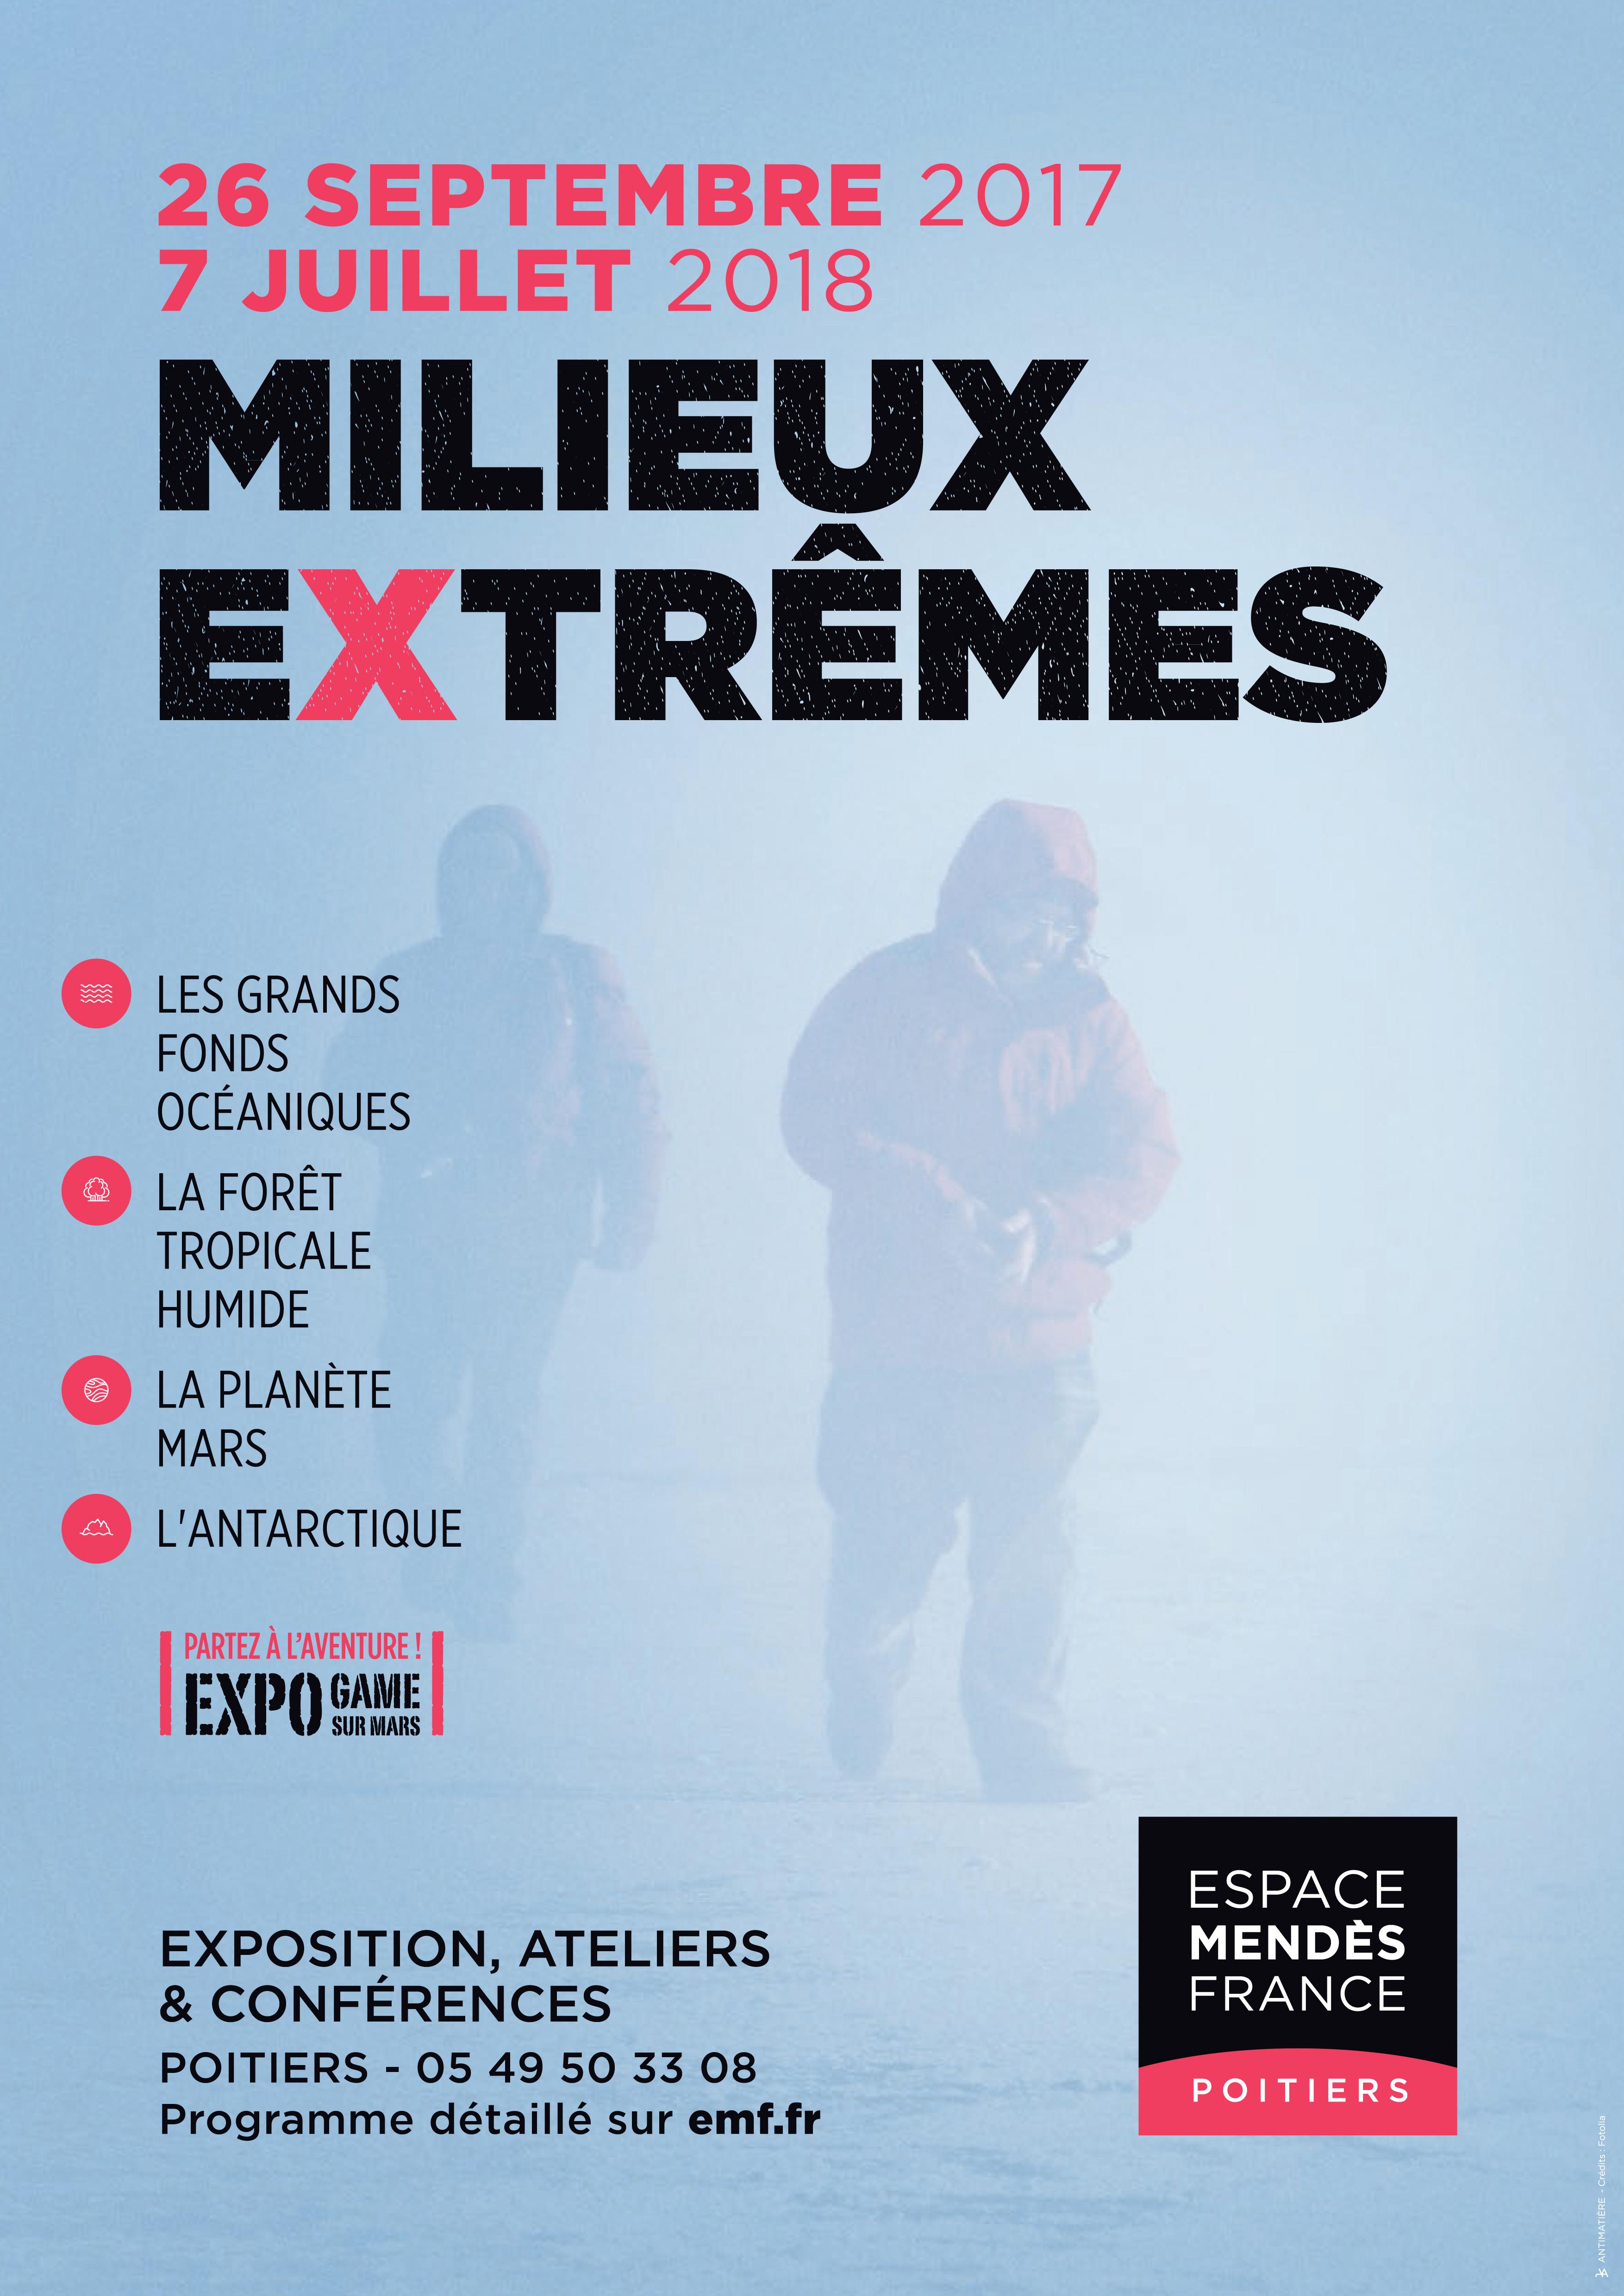 Reportage Milieux extrêmes sur France 3 Poitou-Charentes